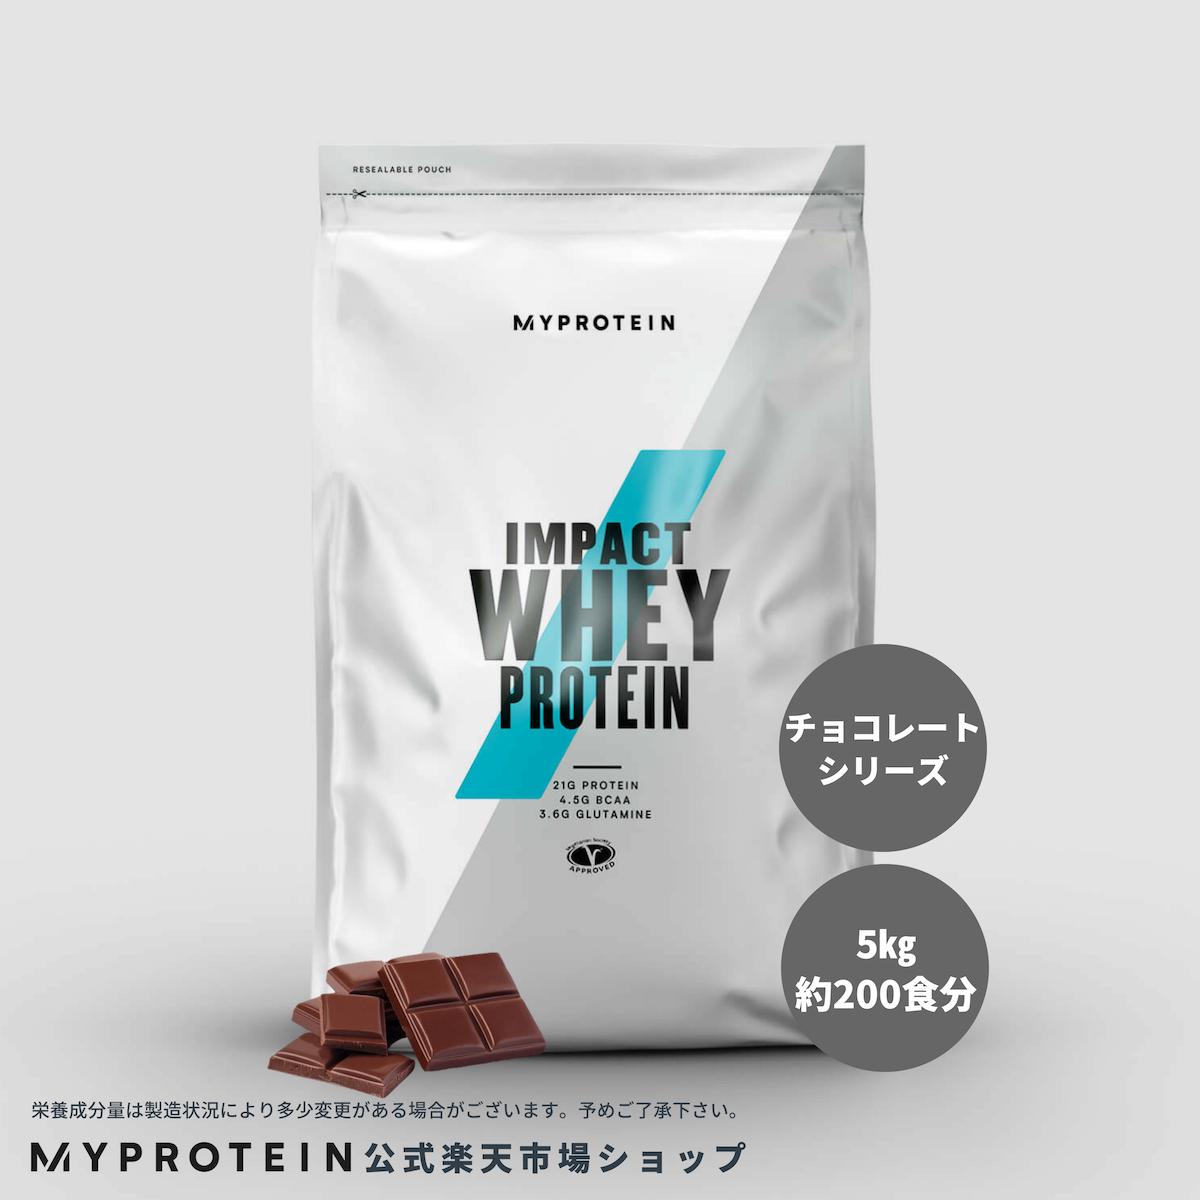 マイプロテイン 公式 【MyProtein】 Impact ホエイプロテイン(チョコレートシリーズ) 5kg 約200食分| プロテイン ホエイ ダイエット ぷろていん たんぱく質 タンパク質 ビーレジェンド ザバス 女性 ウェイトダウン 【楽天海外直送】